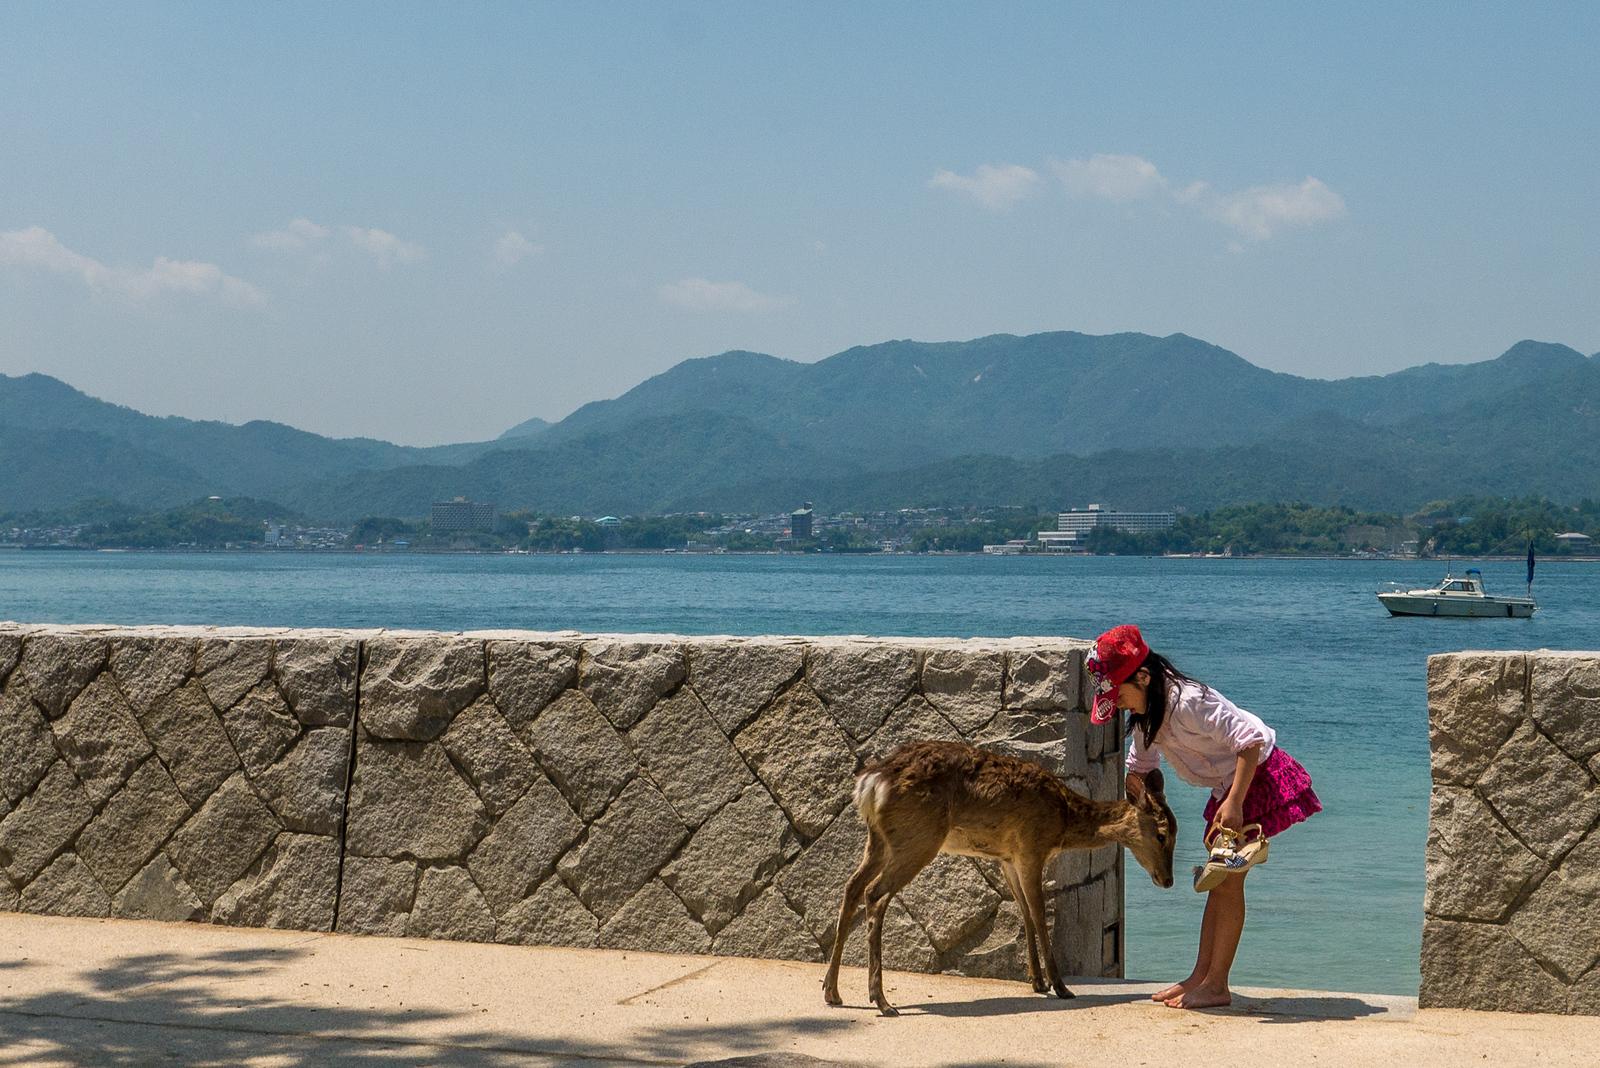 bowing deer miyajima island